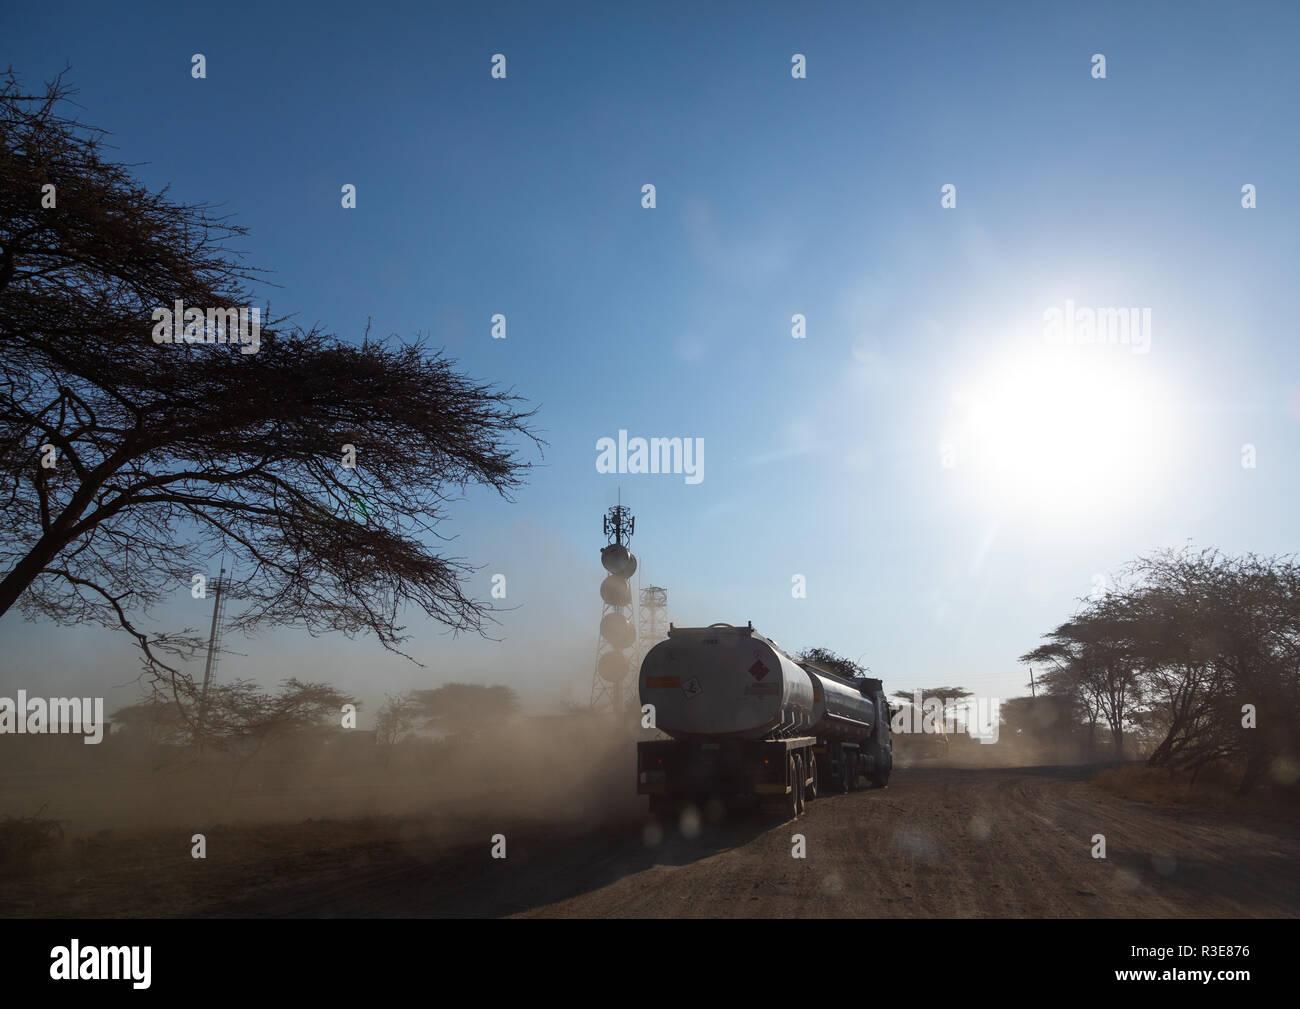 Los camiones que entran desde el puerto de Djibouti en una carretera polvorienta, Oromia, Awash, Etiopía Foto de stock